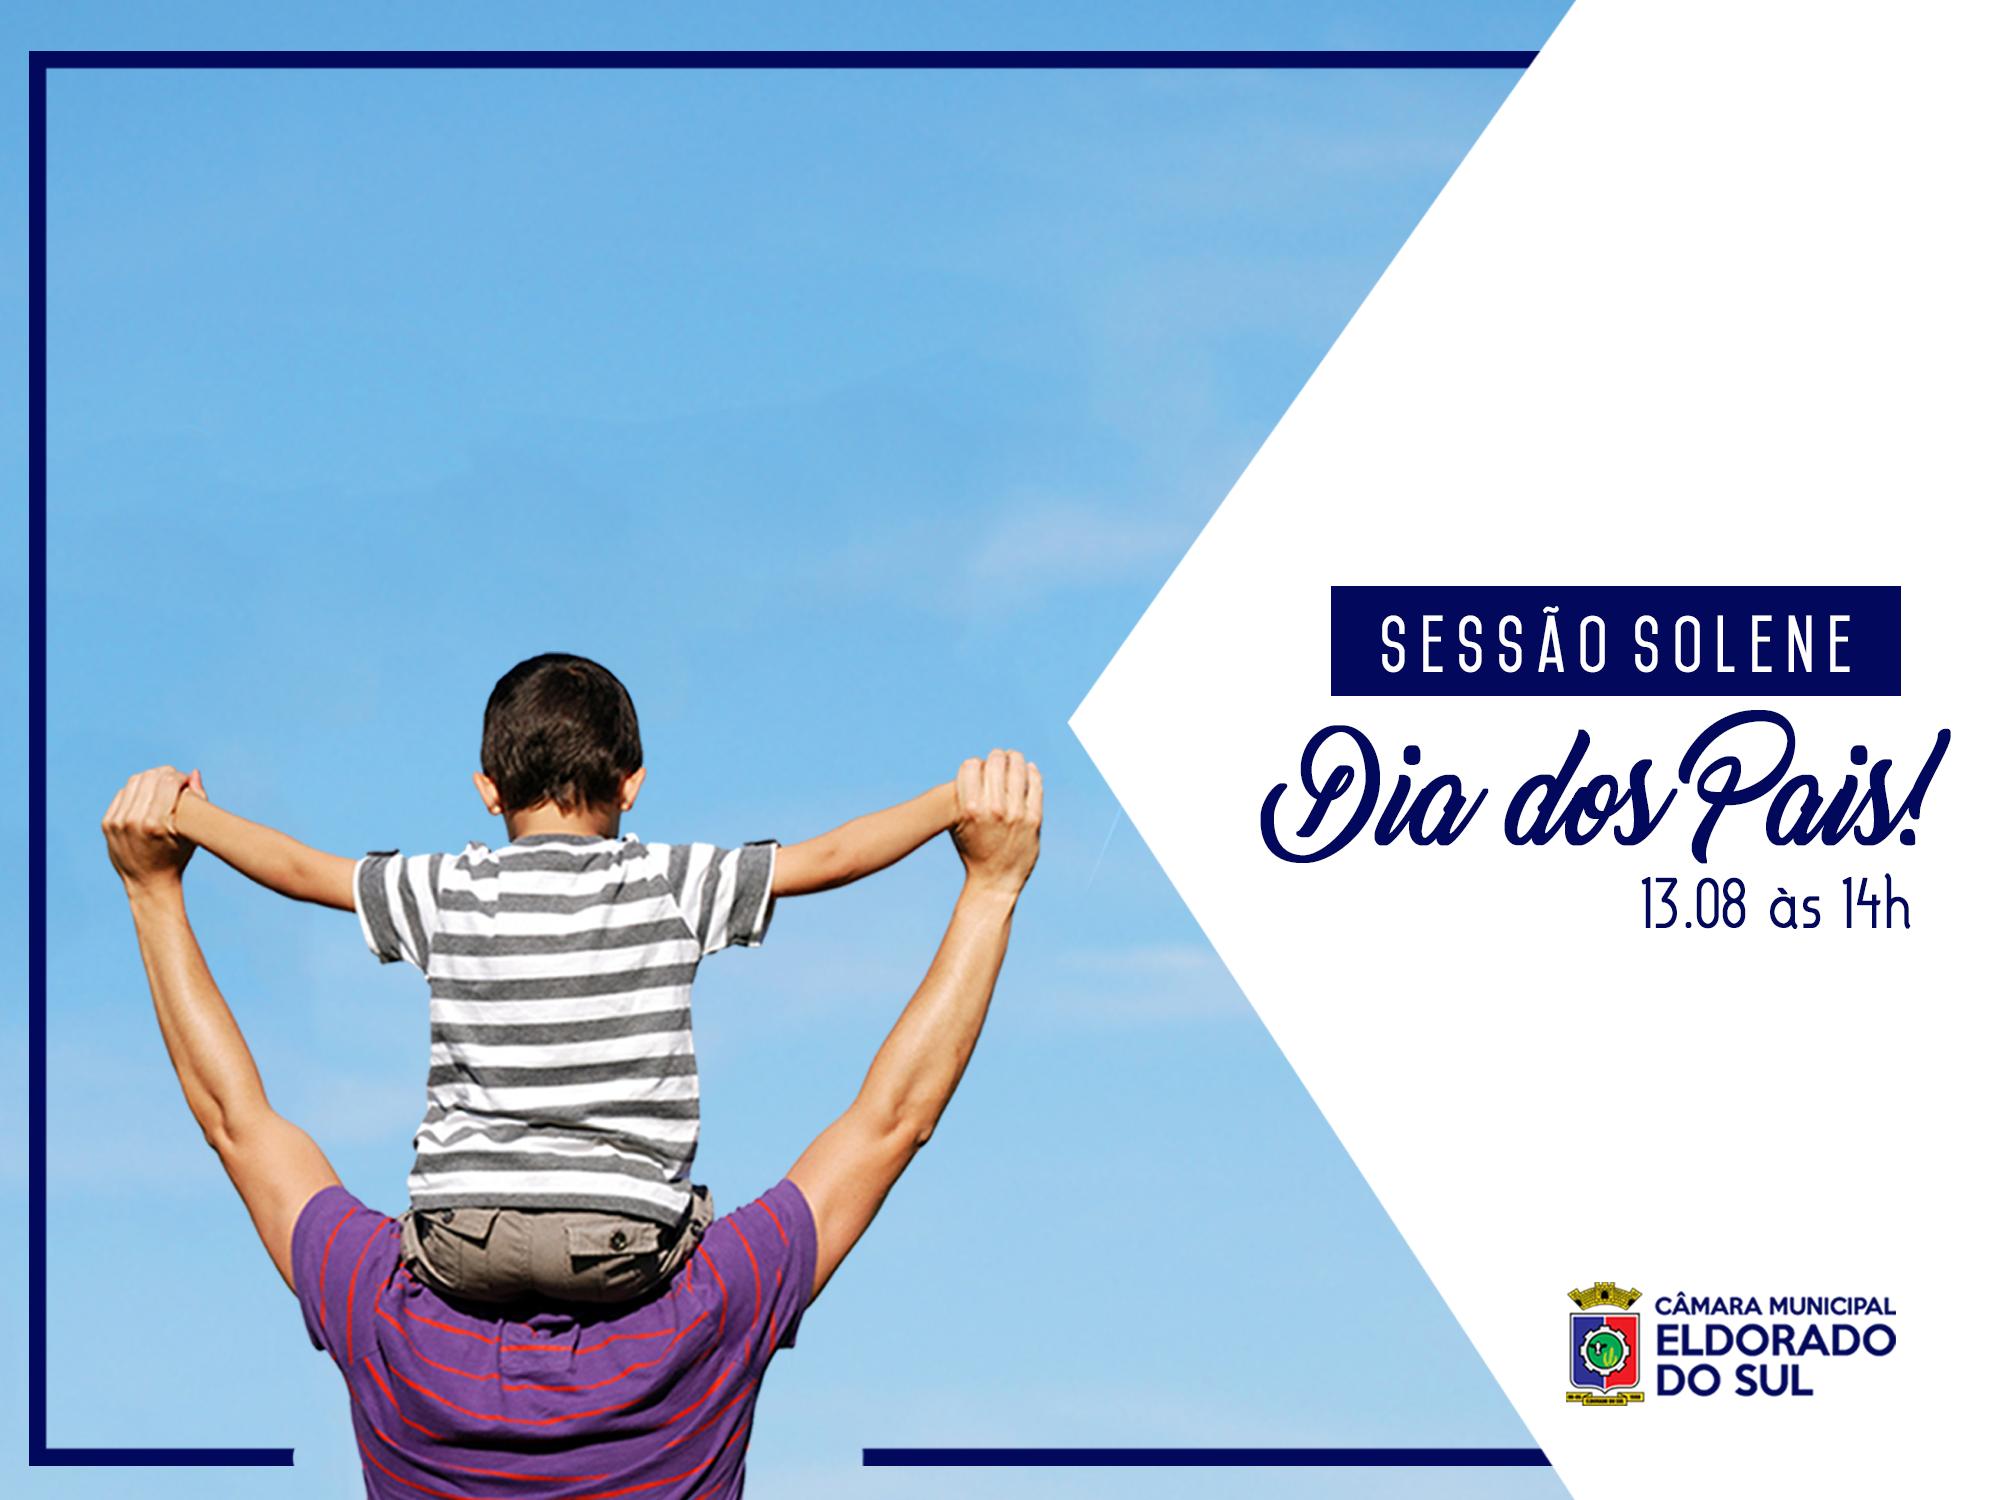 Sessão Solene de Dia dos Pais